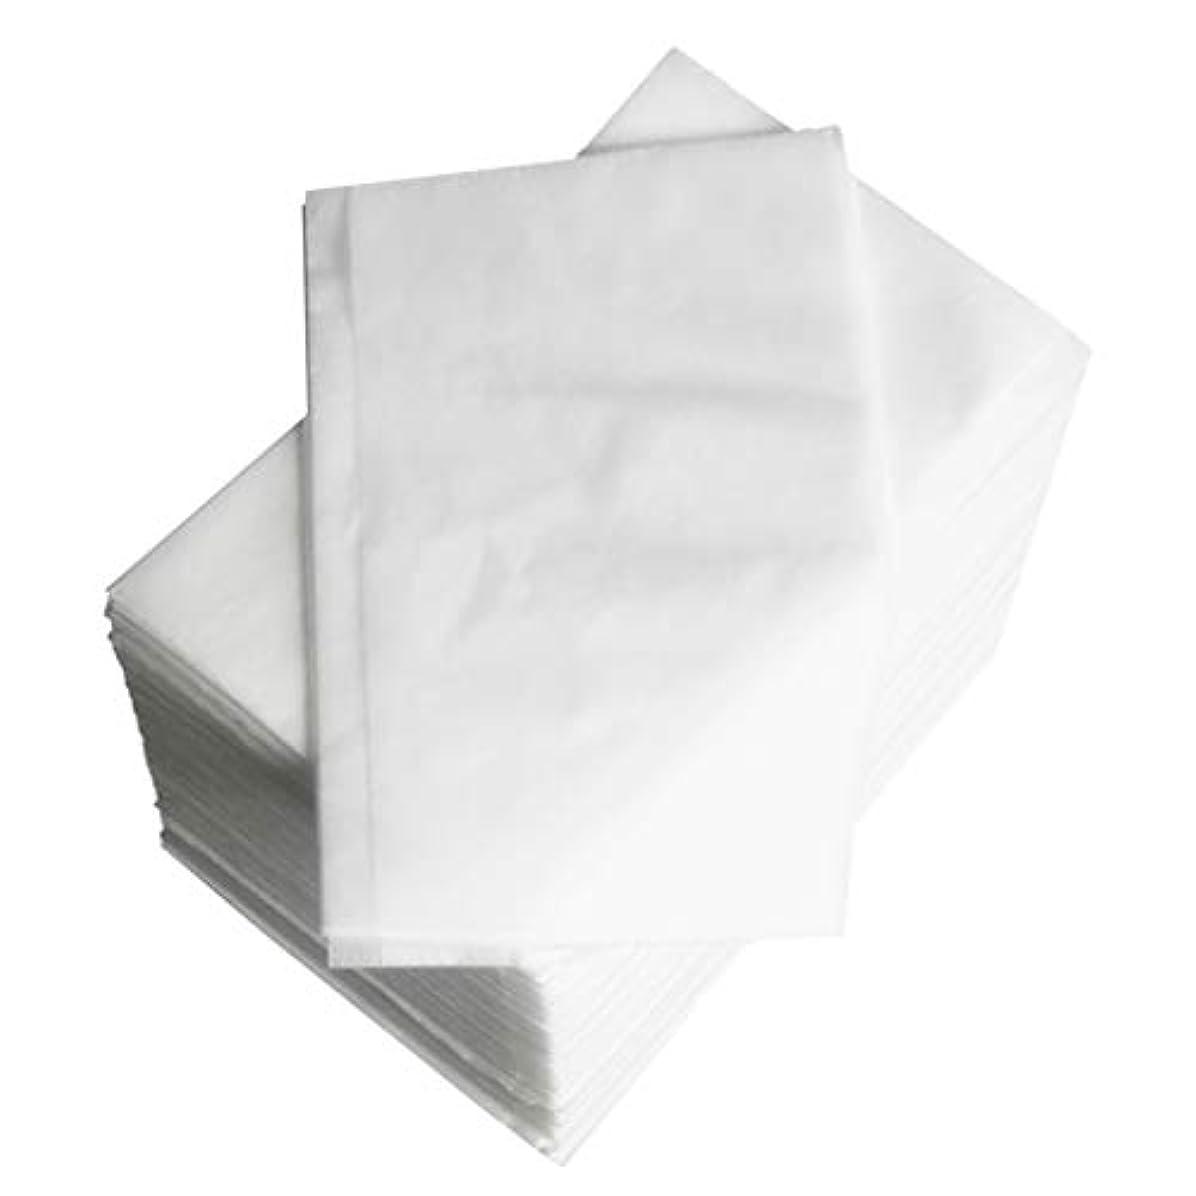 コンセンサス超高層ビル肥満約100個 使い捨て マッサージ テーブルシーツベッドカバー 80×180cm 不織布 ブルー - 白